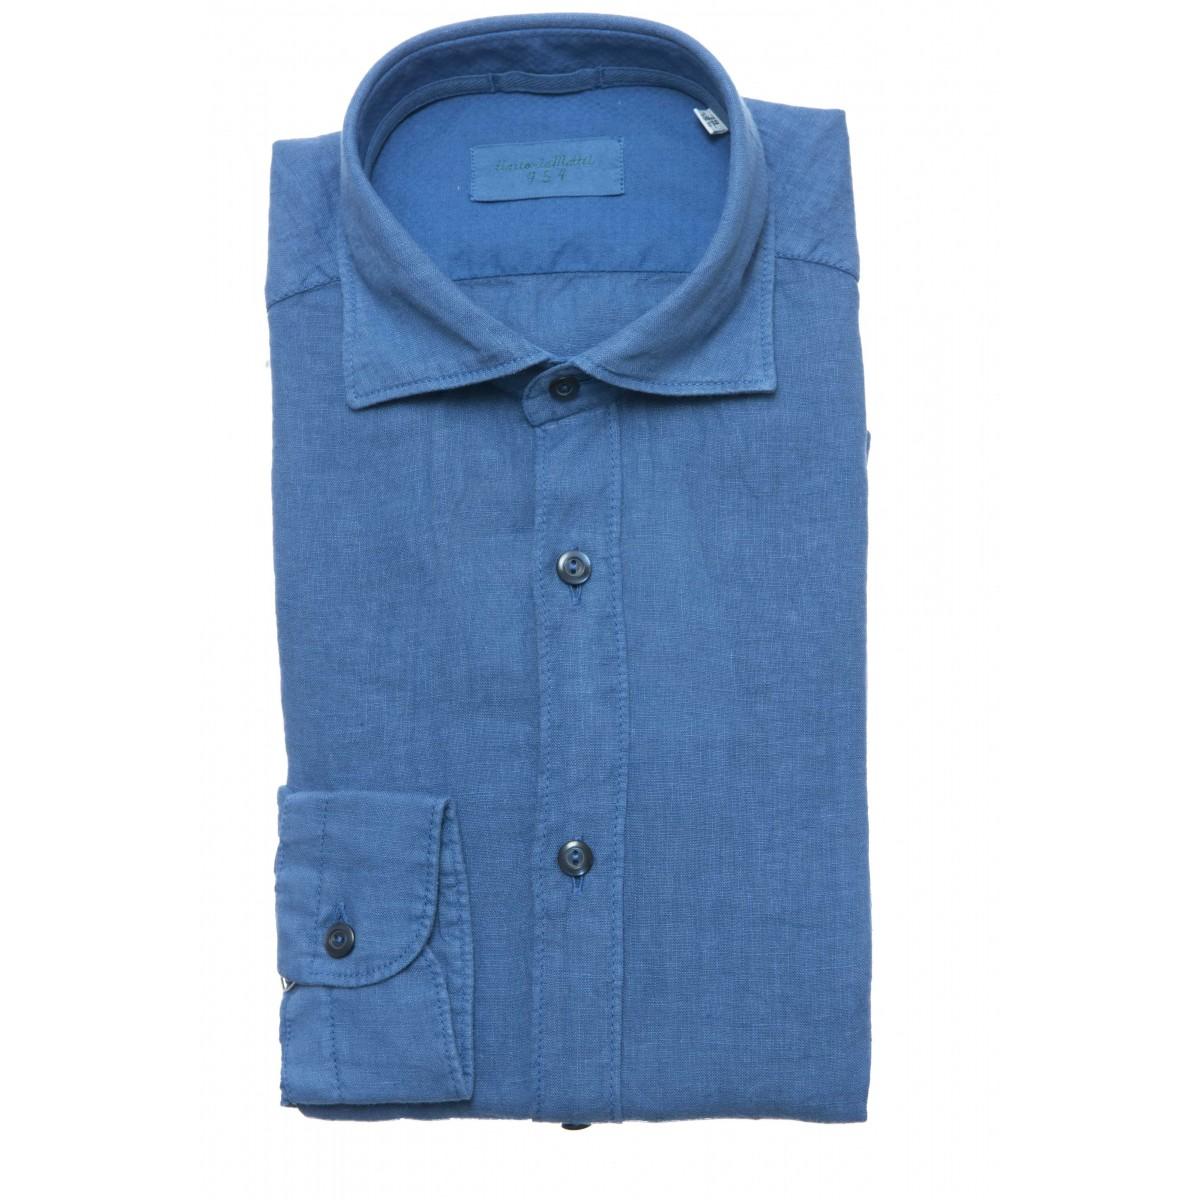 Camicia uomo - Un6 nb9 camicia lino slim